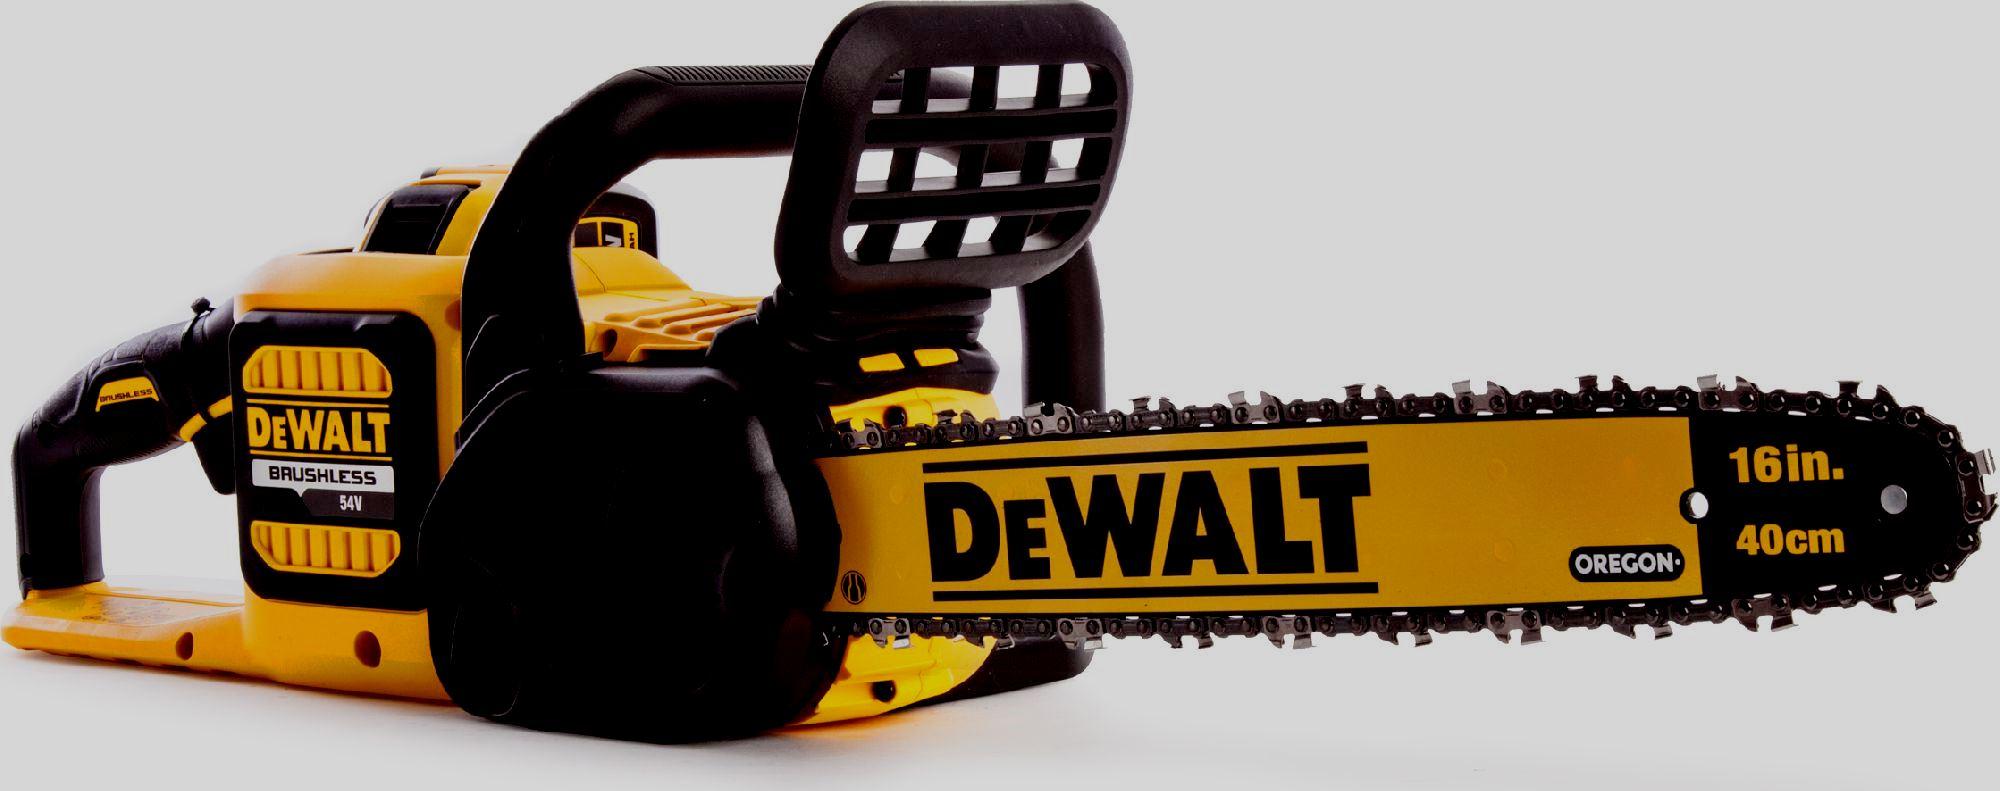 DeWalt DCM 575 X 1